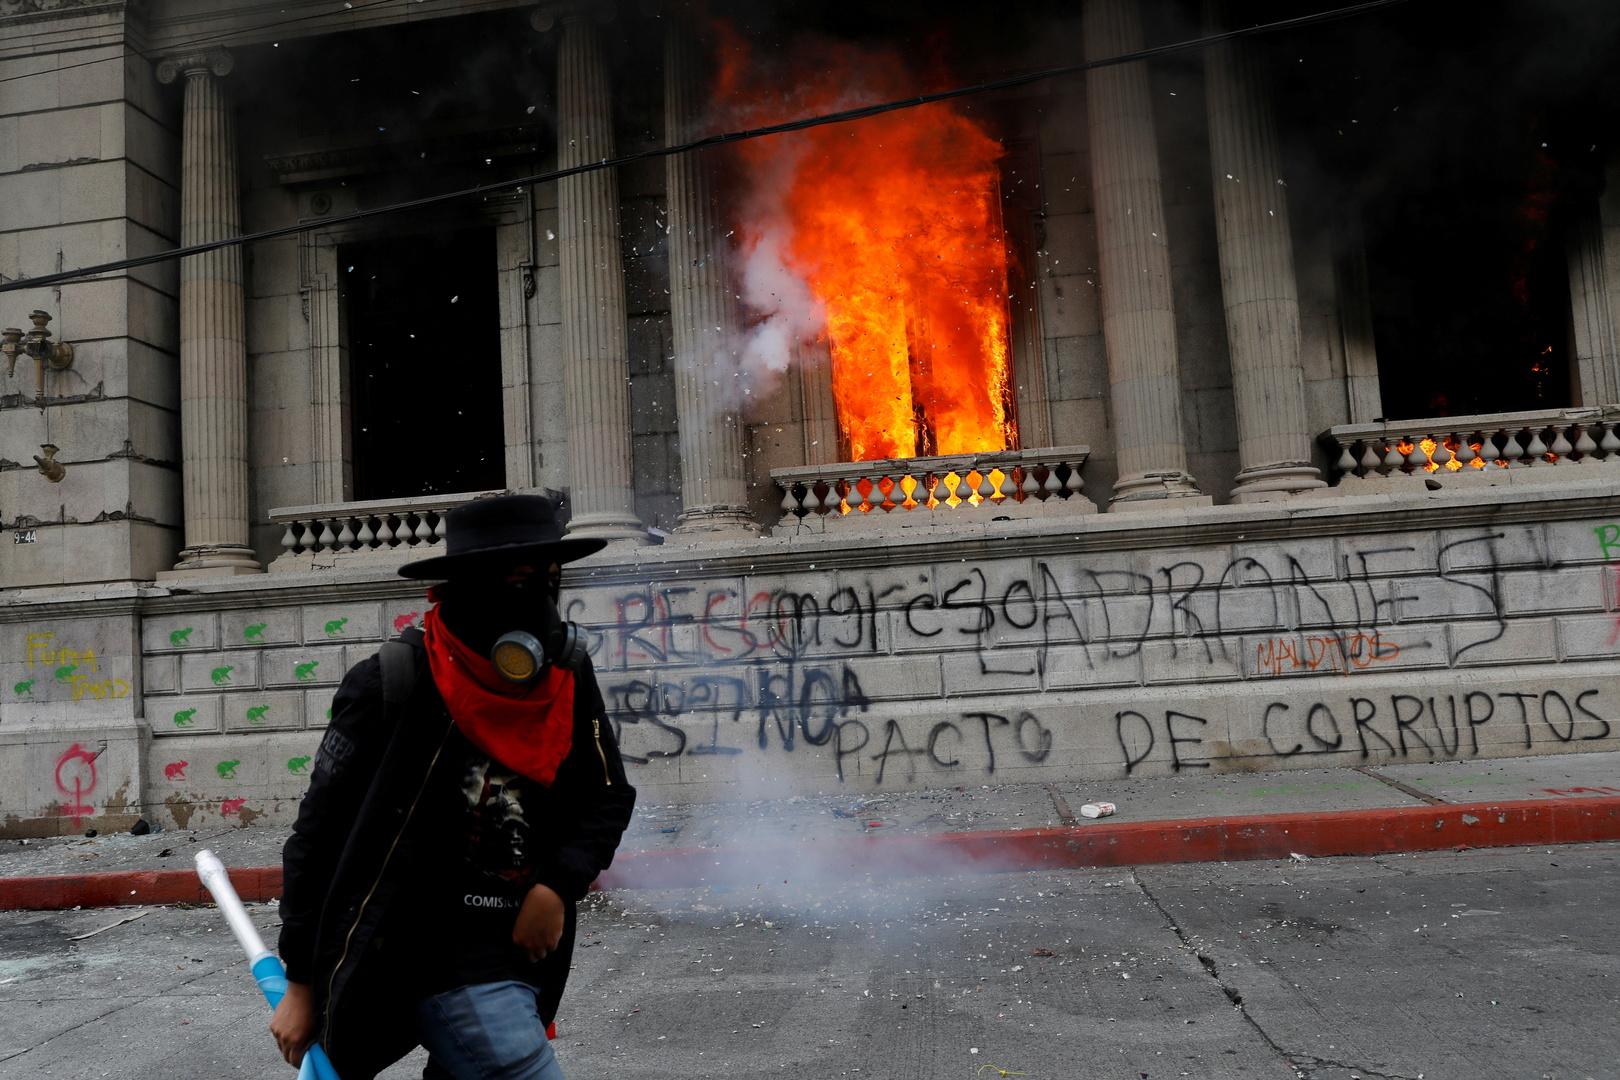 غواتيمالا.. مظاهرات تطالب رئيس البلاد بالتنحي